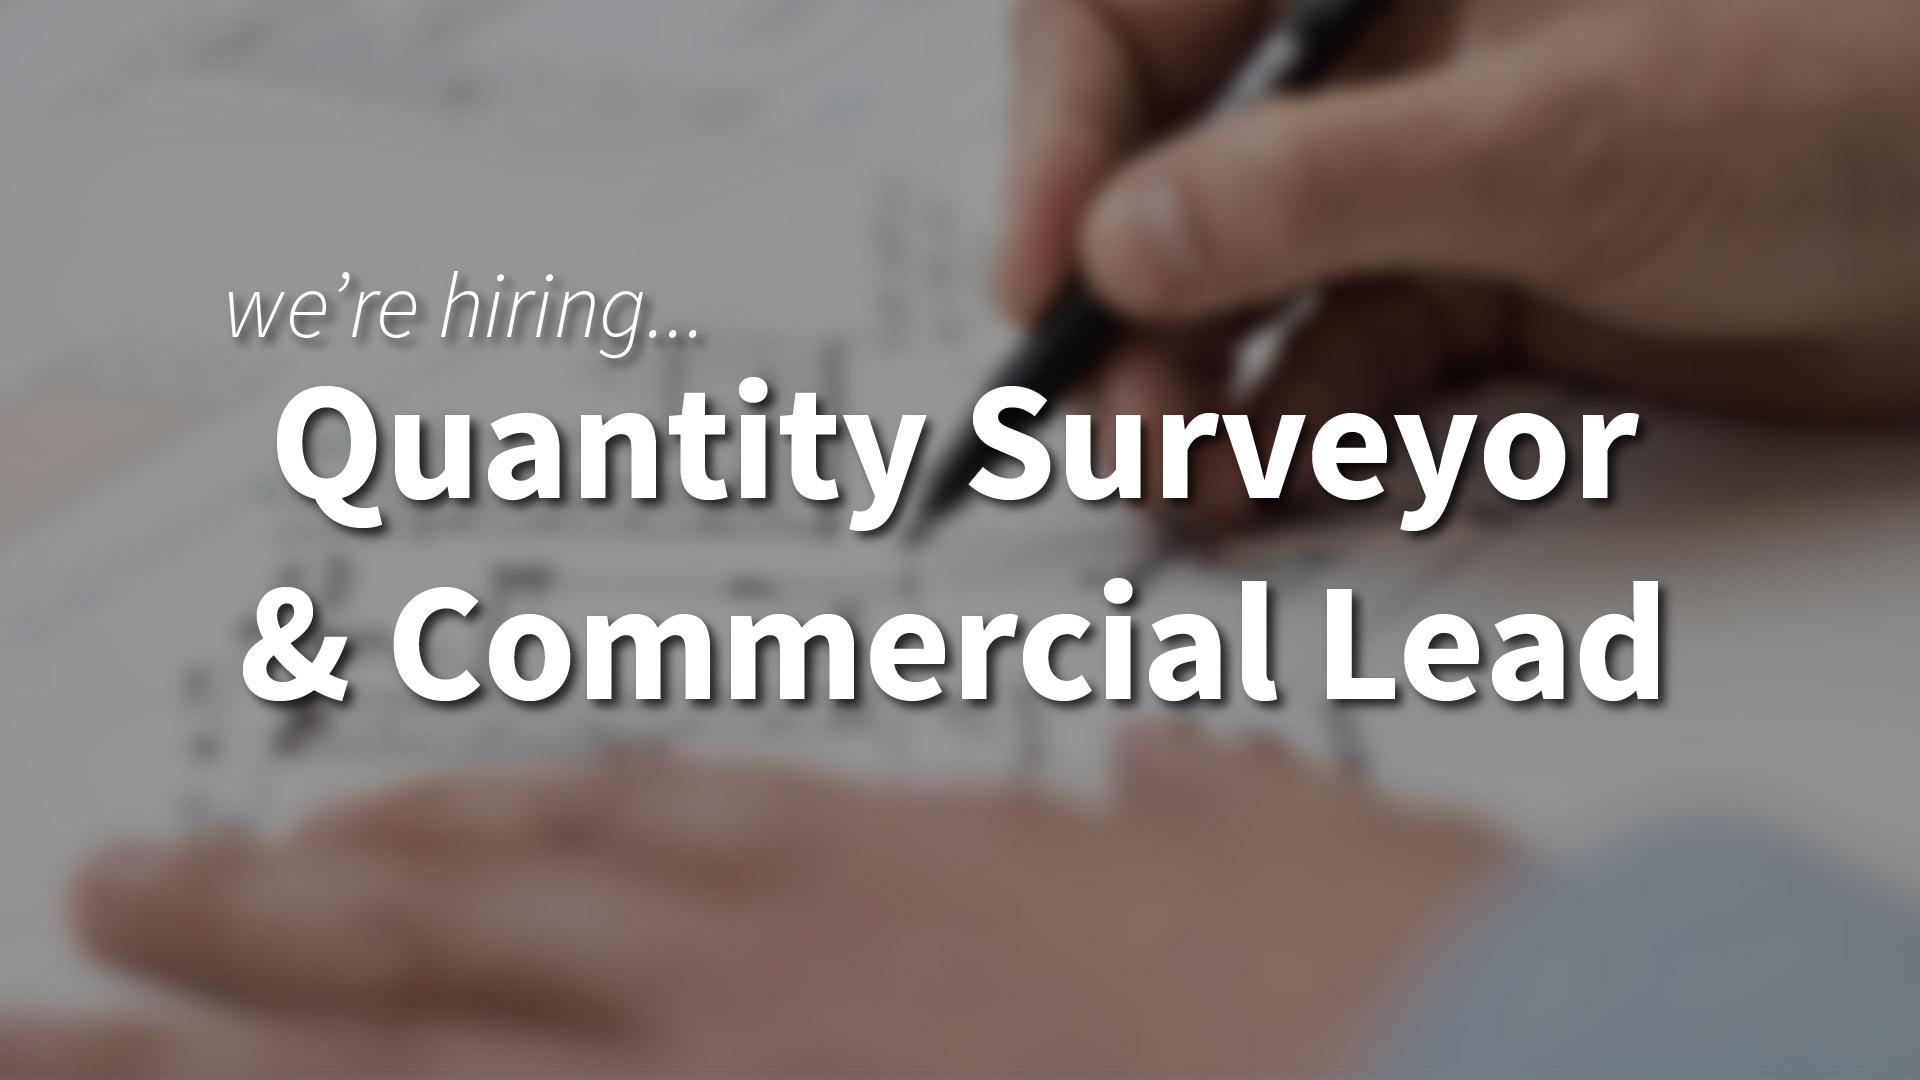 Quantity Surveyor/Commercial Lead